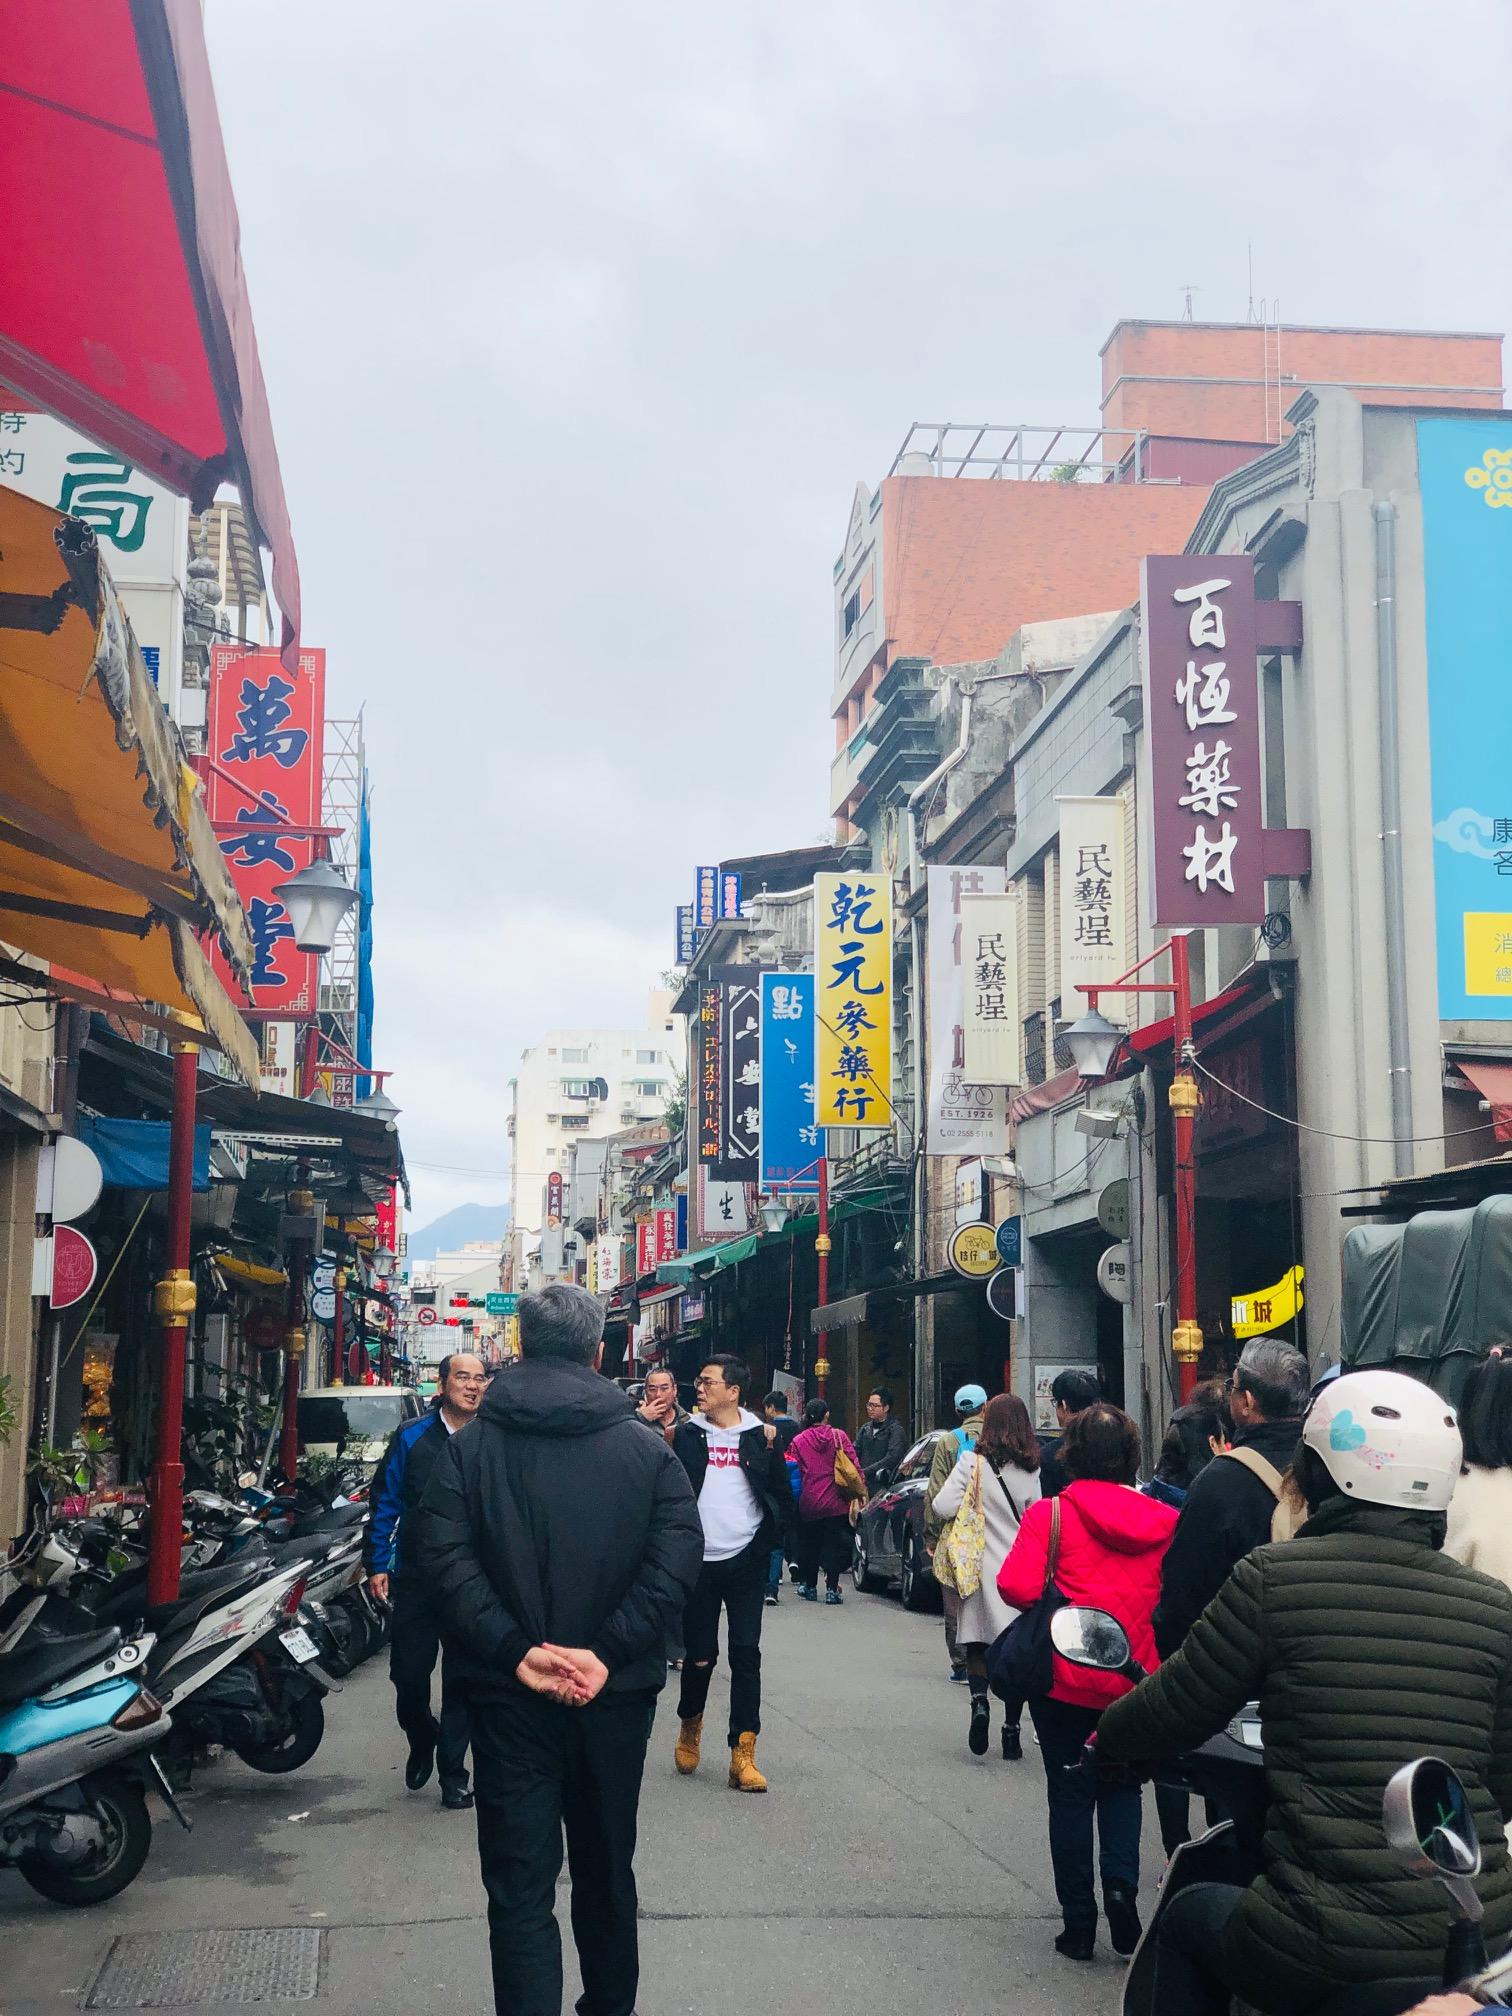 台湾のコンビニでビットコイン帰るか